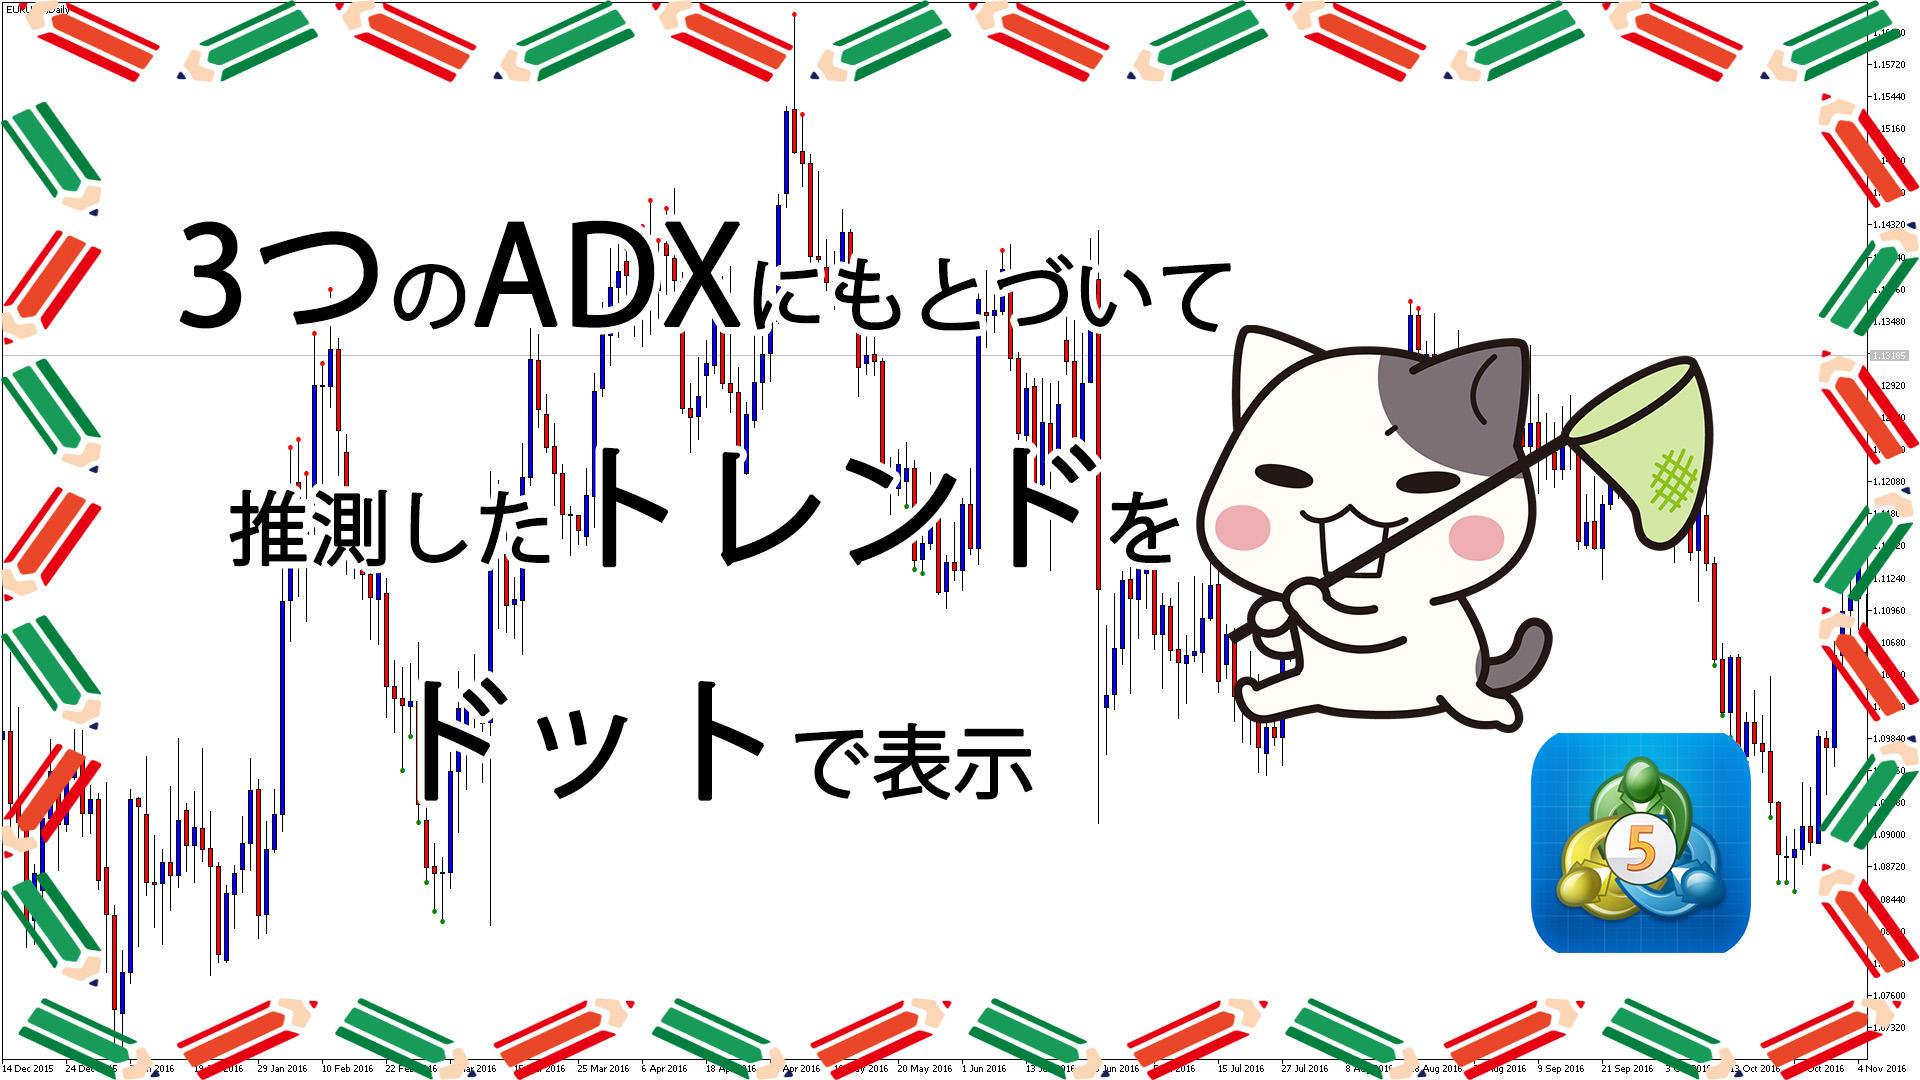 3つのADXにもとづいて強気/弱気を推測し、ドットで表示するMT5インジケータ-「ADX_Trend」